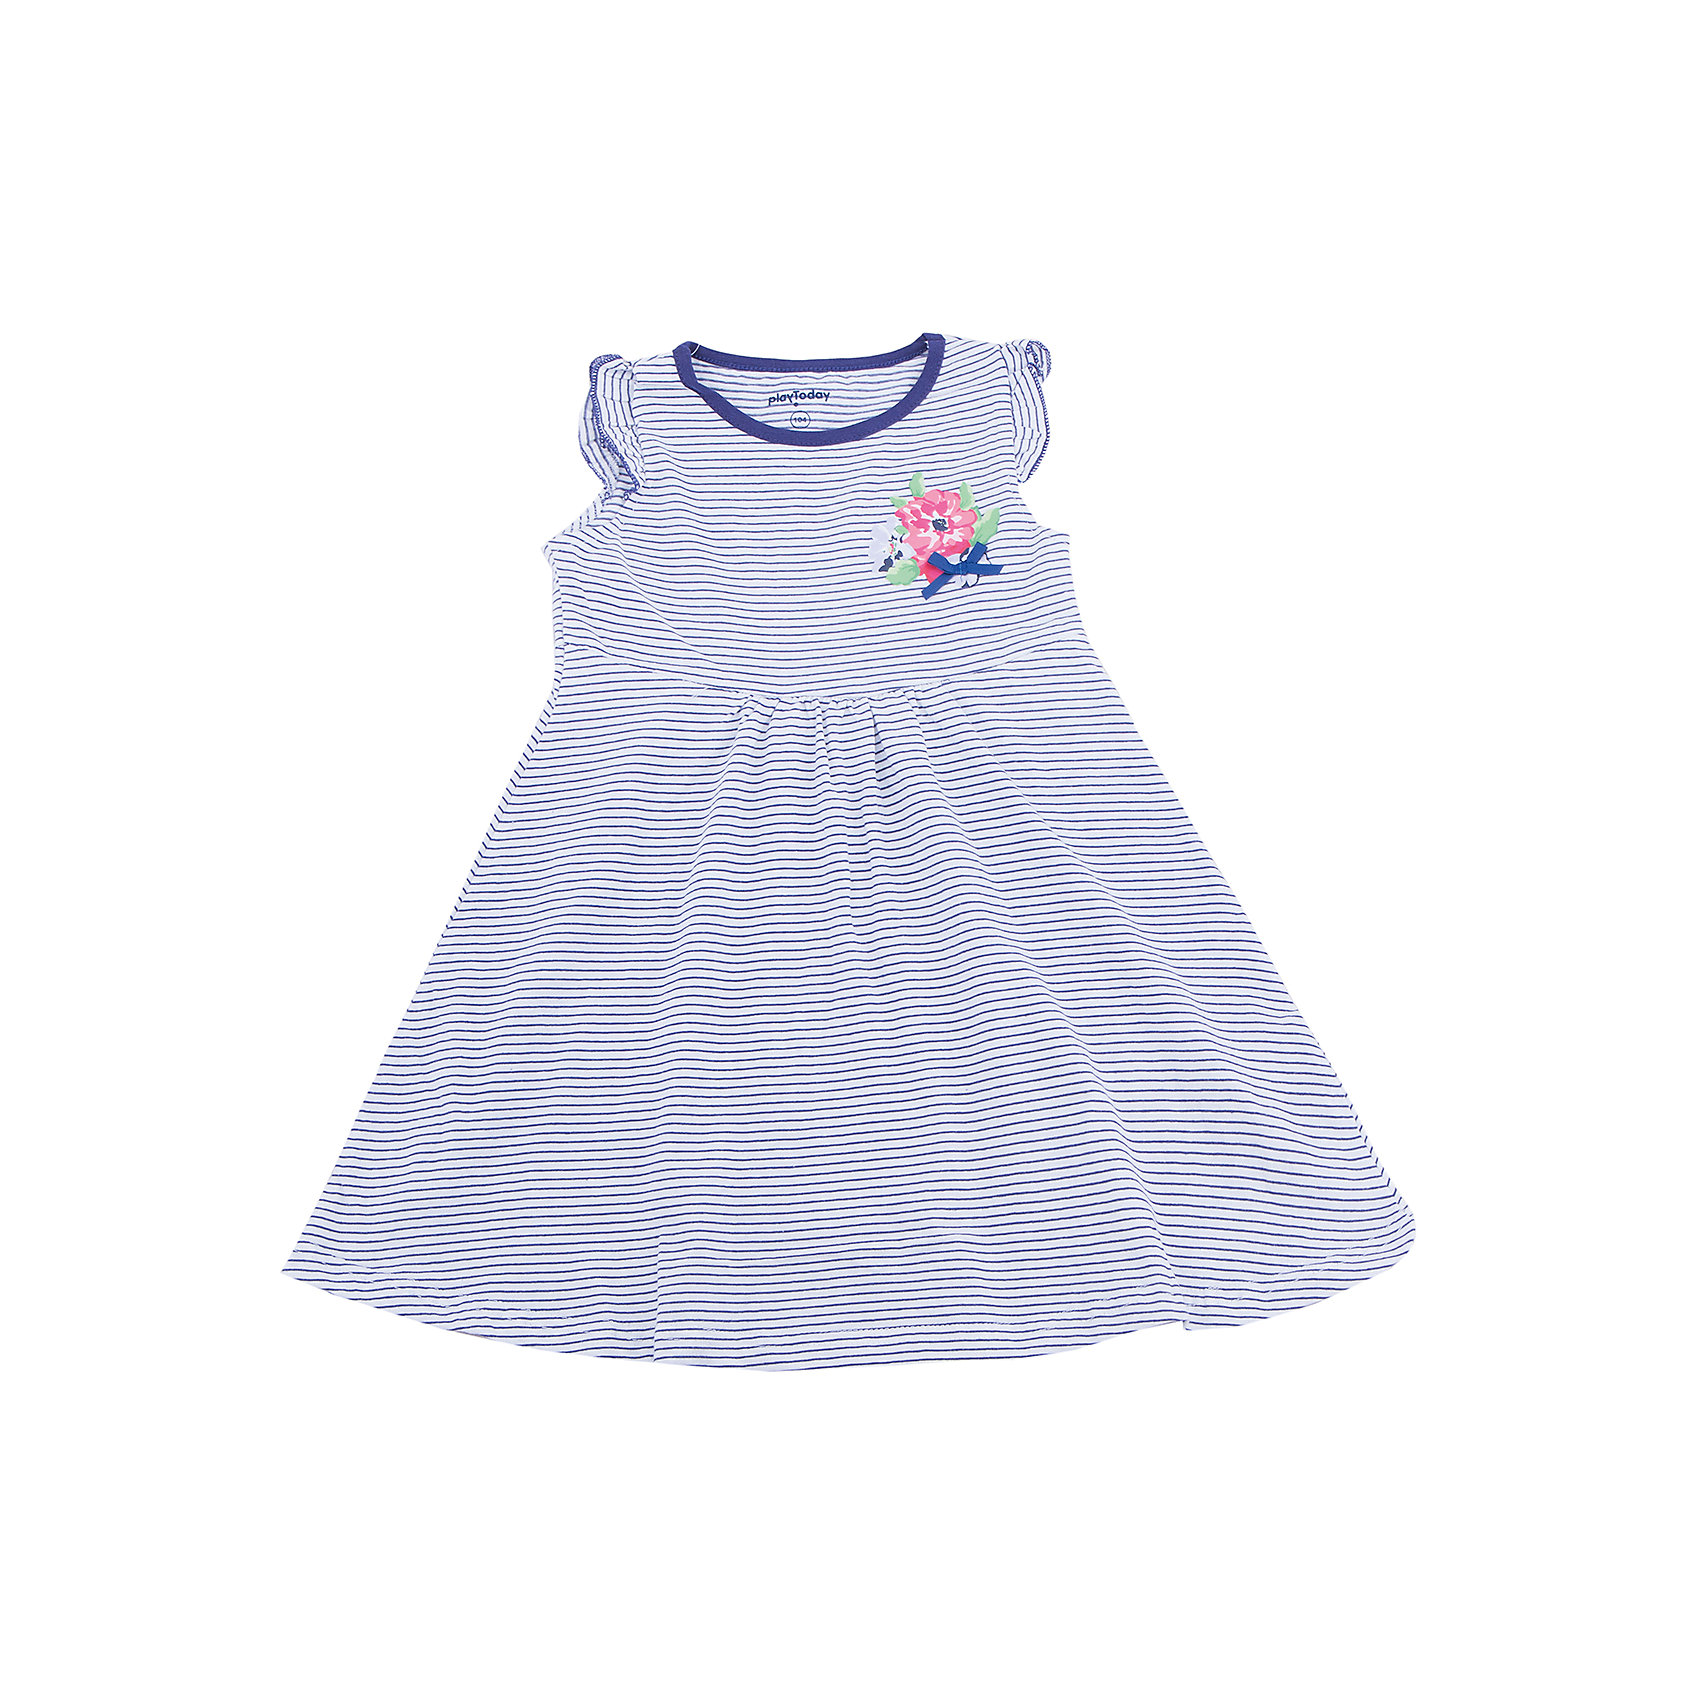 Платье для девочки PlayTodayЛетние платья и сарафаны<br>Стильное женственное платье. Расклешенная юбка не будет мешать ребенку играть и бегать. Рукава-крылышки придают легкости, а нежные цветочки на фоне контрастных полос смотрятся стильно.<br>Состав:<br>100% хлопок<br><br>Ширина мм: 236<br>Глубина мм: 16<br>Высота мм: 184<br>Вес г: 177<br>Цвет: разноцветный<br>Возраст от месяцев: 72<br>Возраст до месяцев: 84<br>Пол: Женский<br>Возраст: Детский<br>Размер: 122,104,128,110,116,98<br>SKU: 5603797